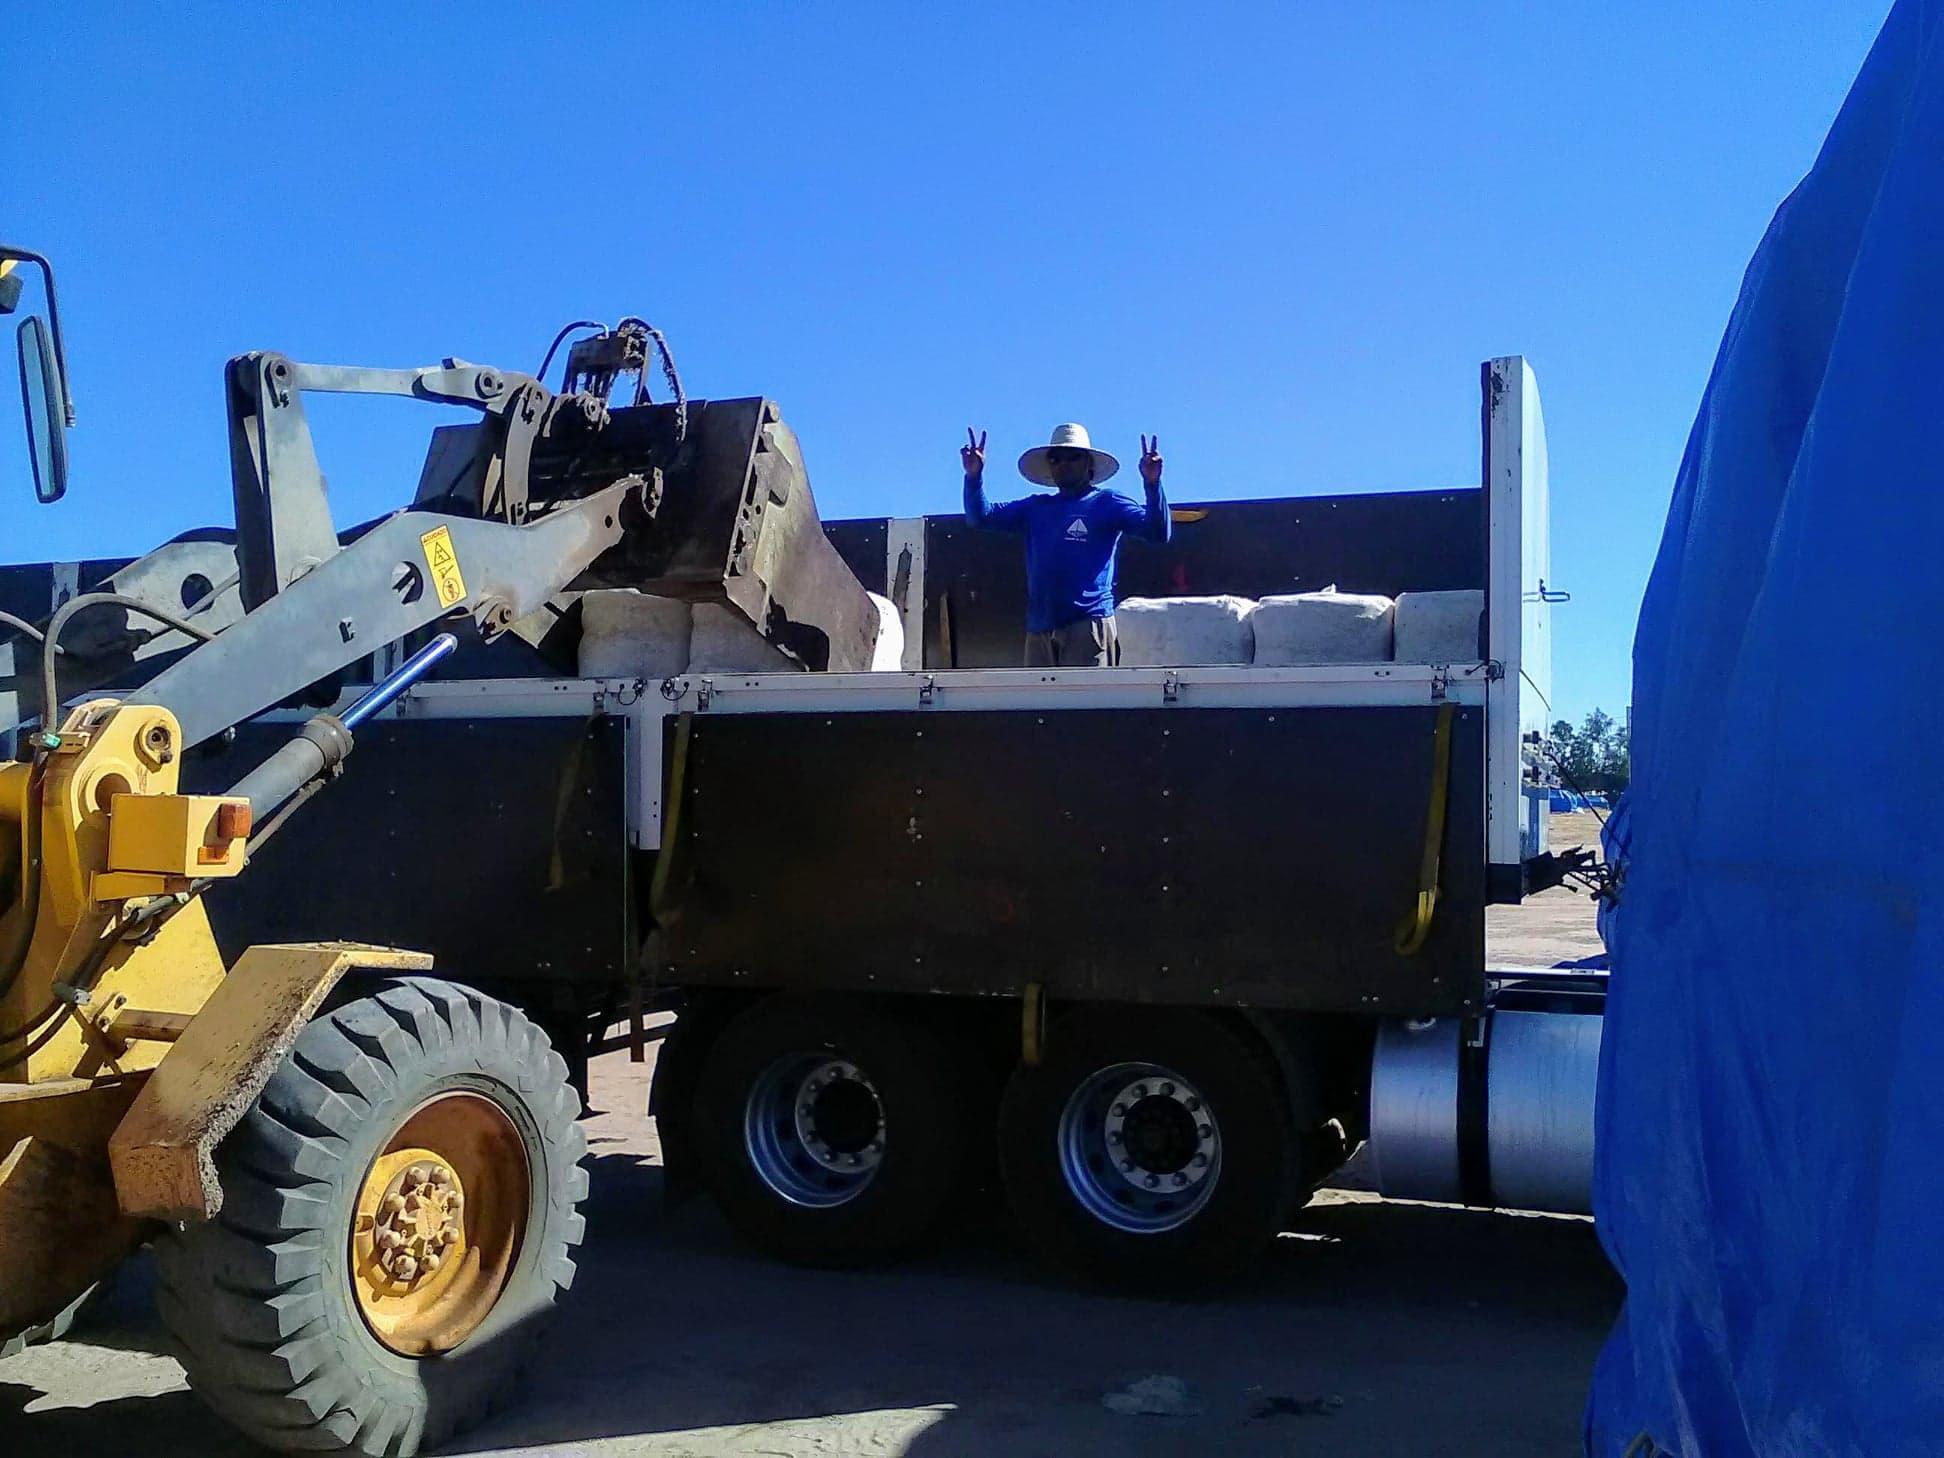 37-ton-katoenladen-voor-Santos-wagen-wordt-door-speciale-afdekkers--dicht-gemaakt-4